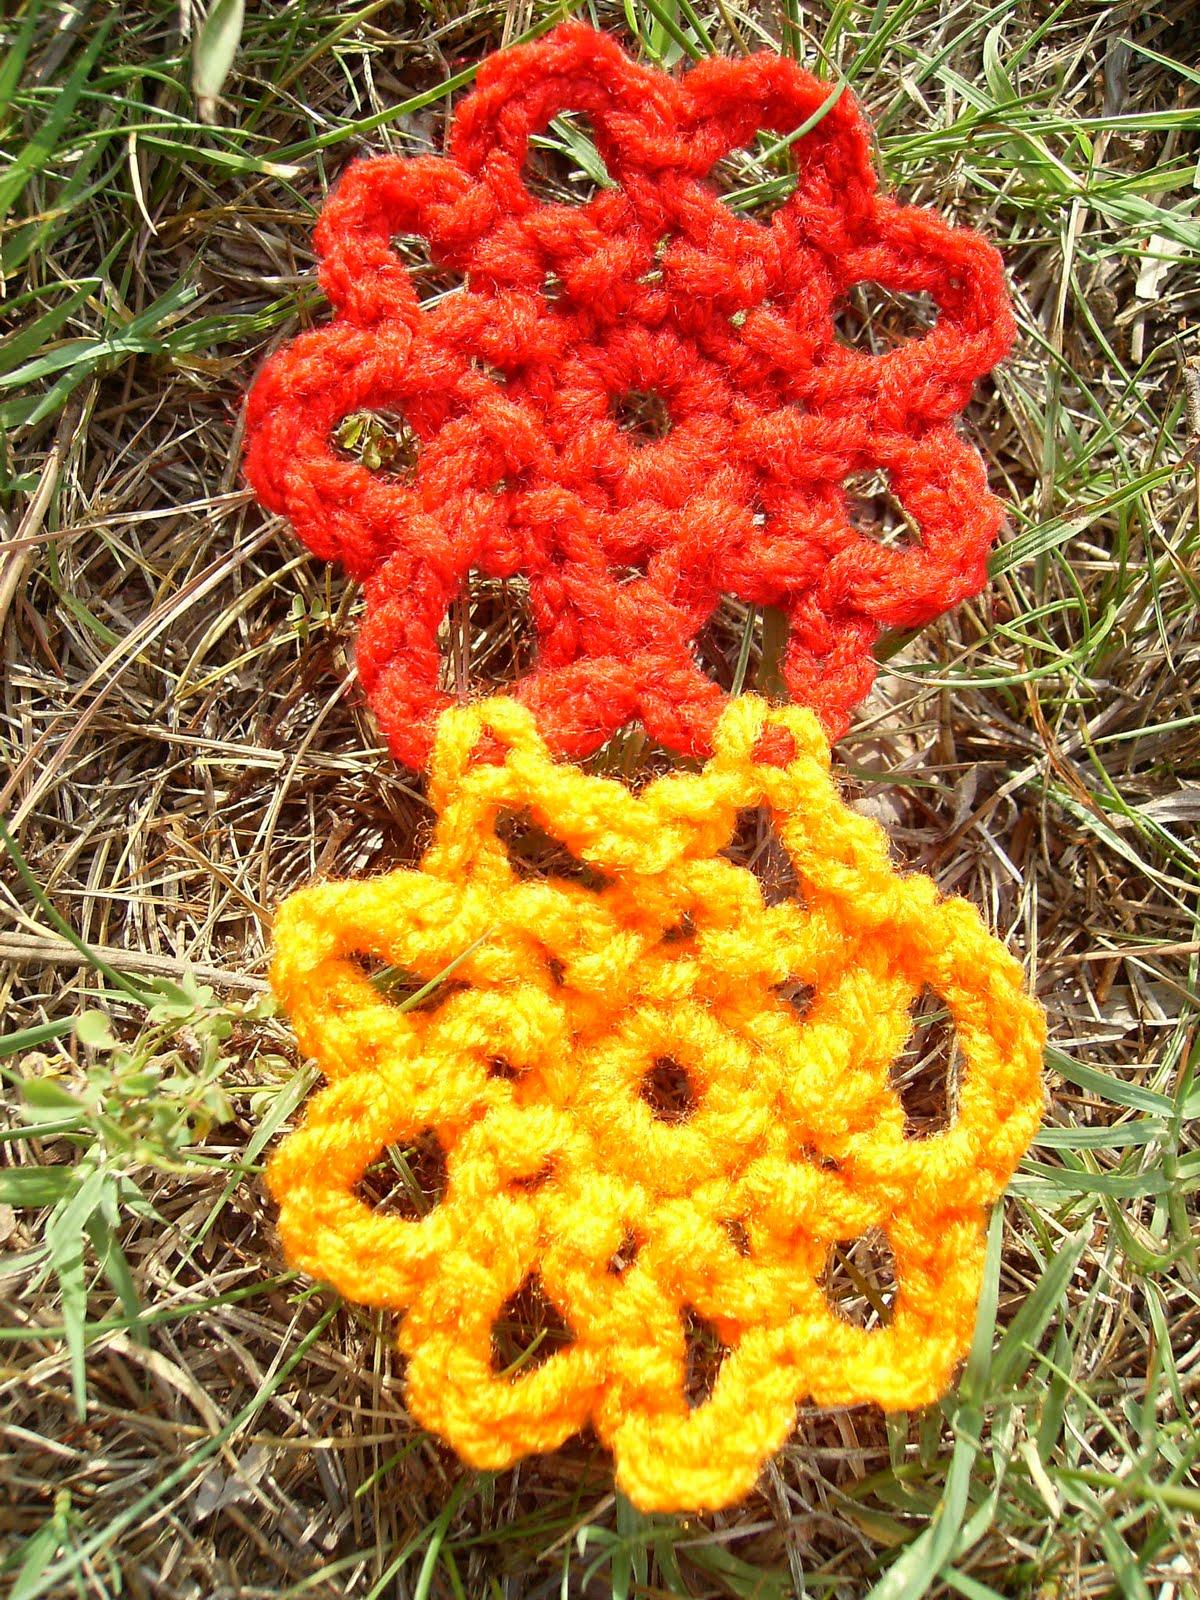 Crochet Patterns With Scrap Yarn : Scrap Yarn Crochet: Free Scrappy Flower Crochet Pattern